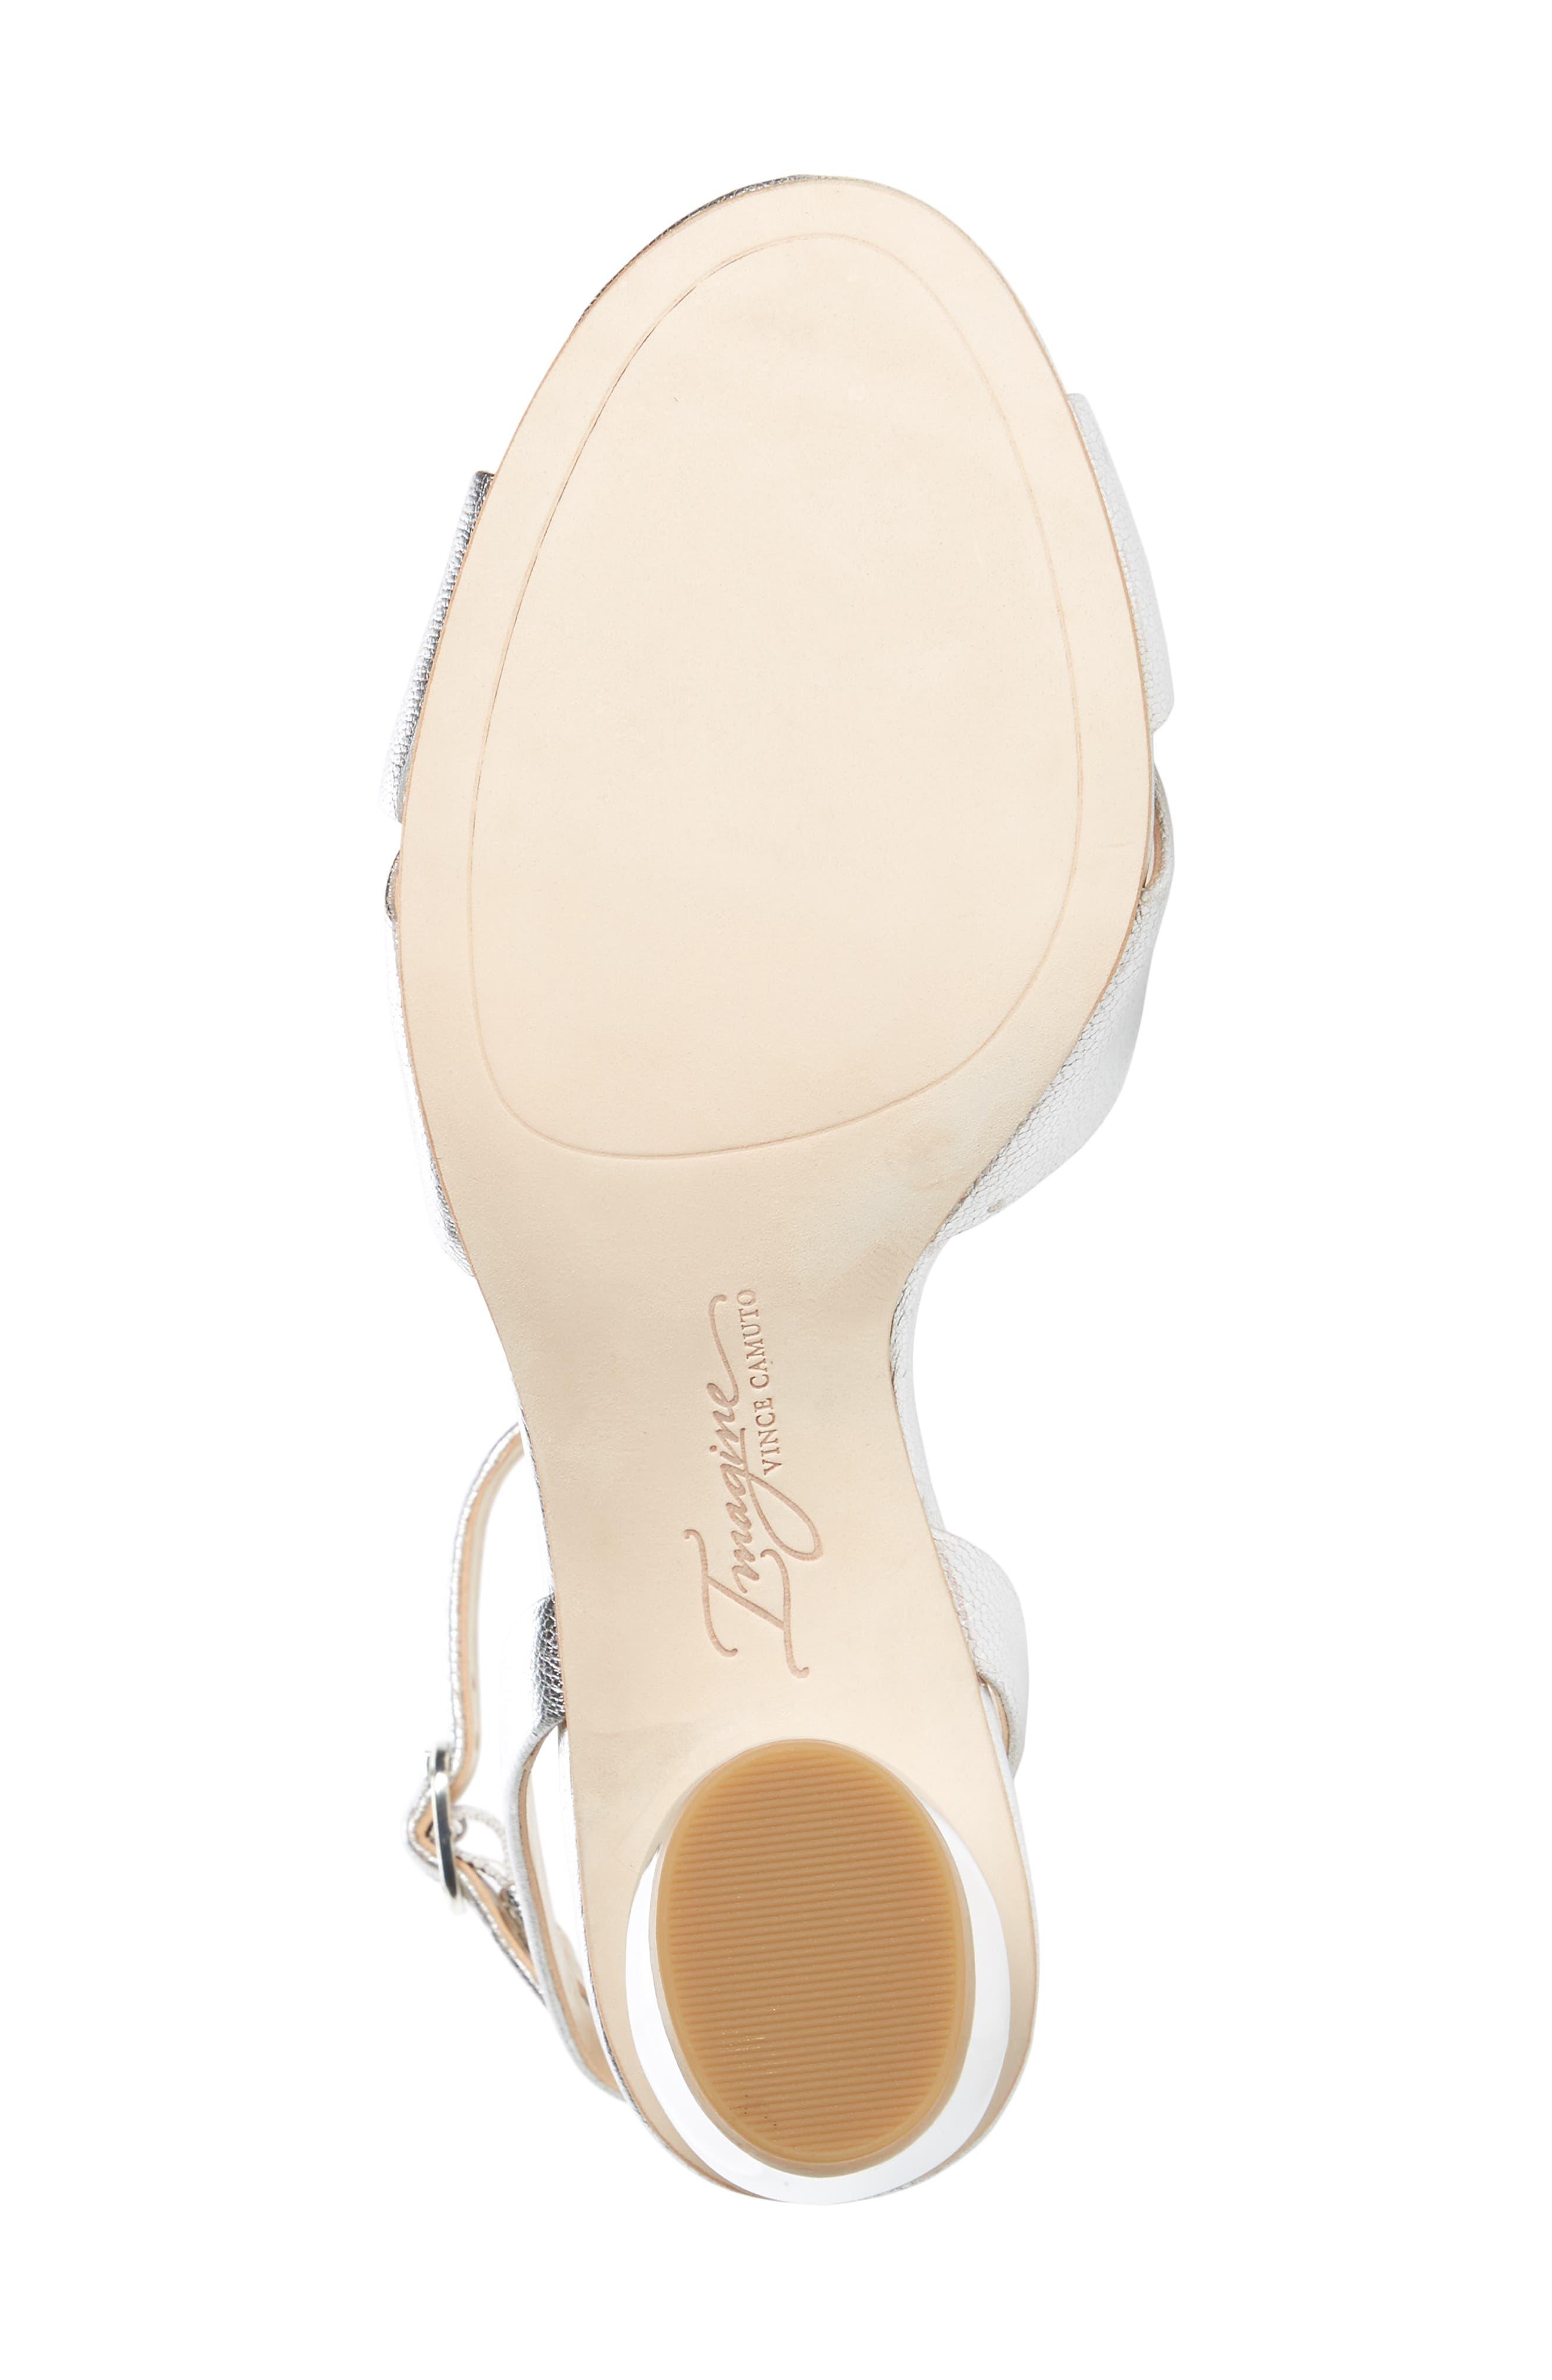 Leven Sandal,                             Alternate thumbnail 6, color,                             Platinum Leather